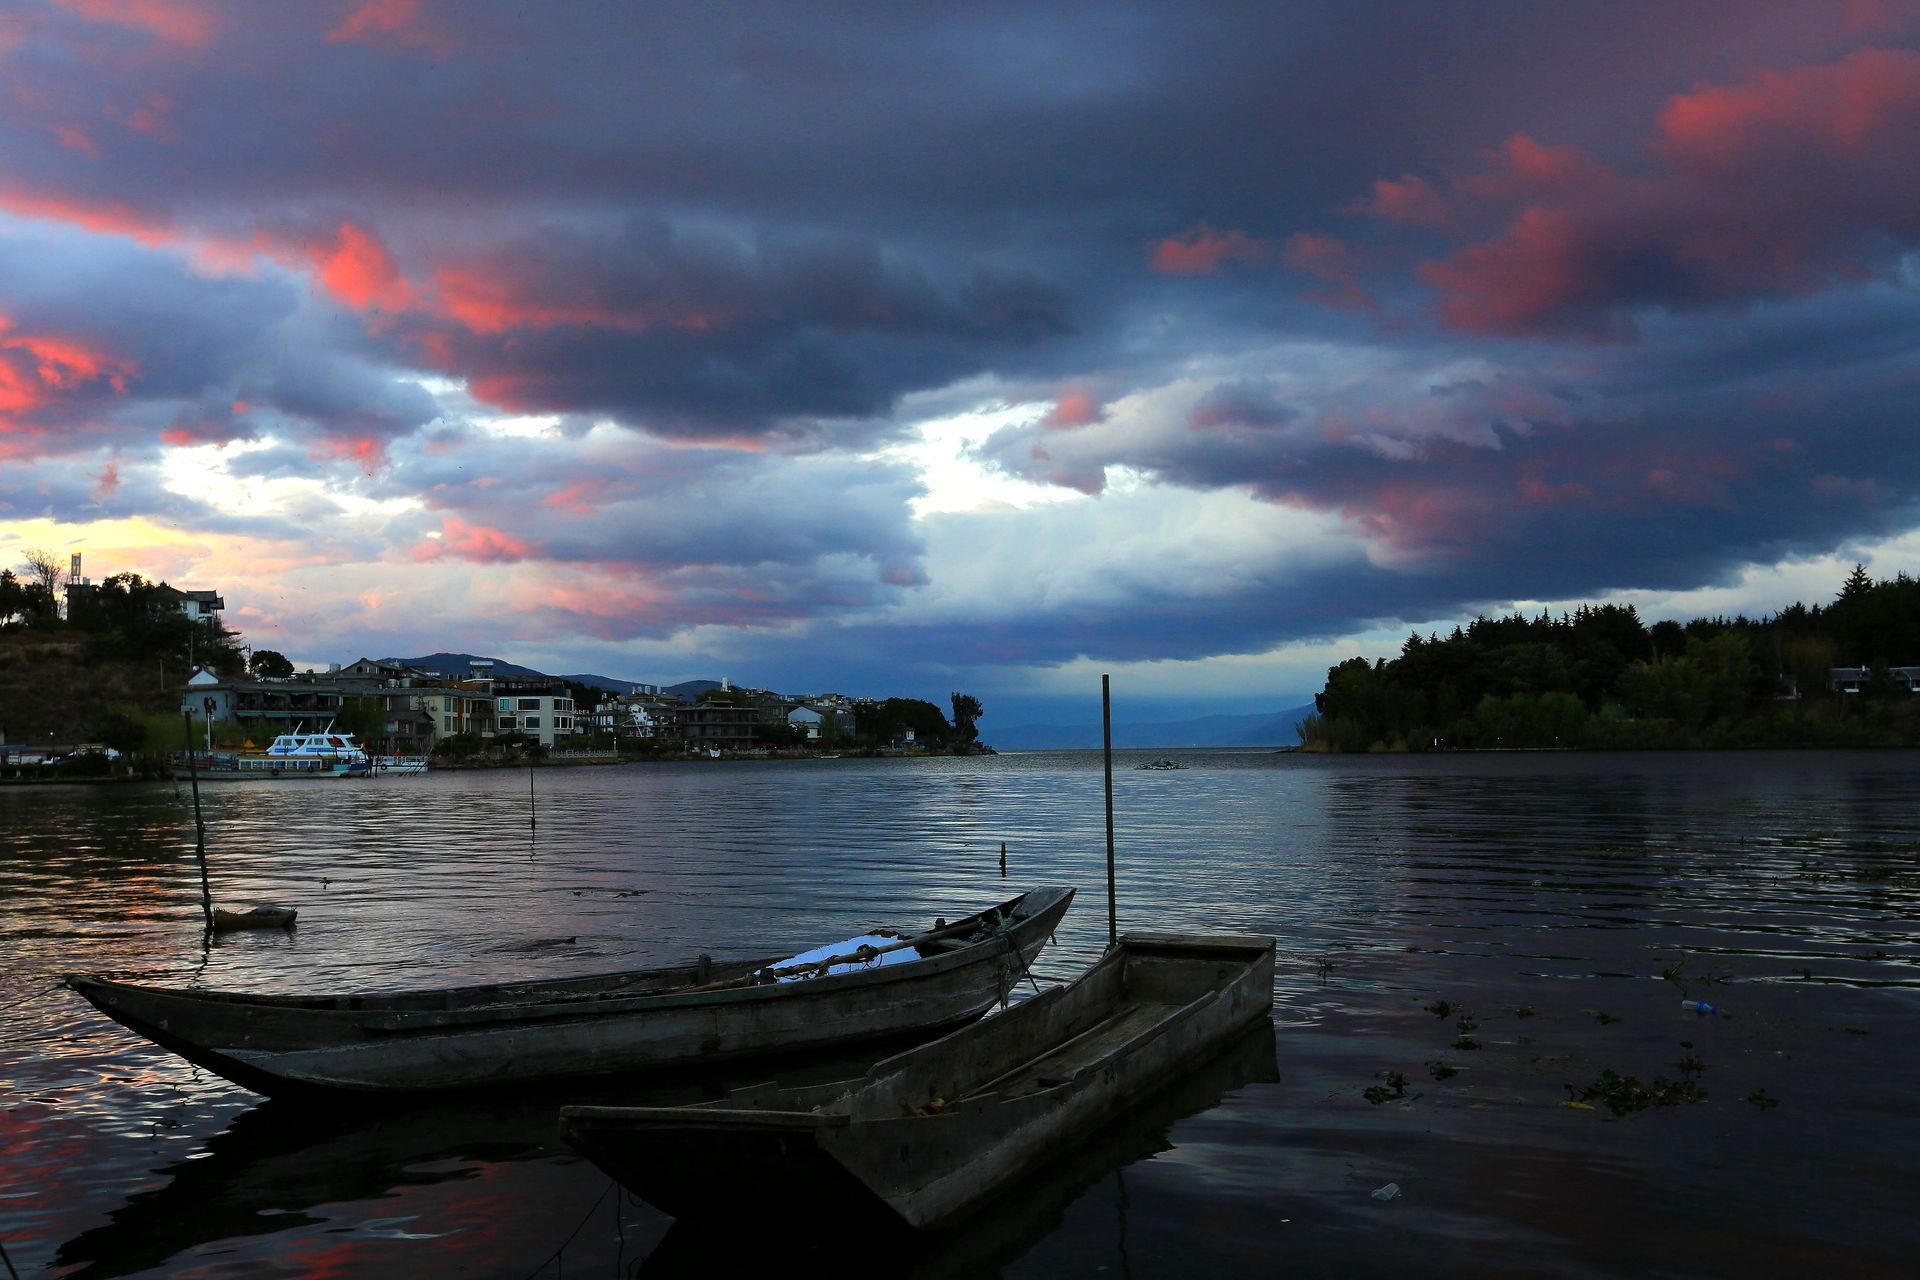 洱海的云彩会轻轻地告诉你……